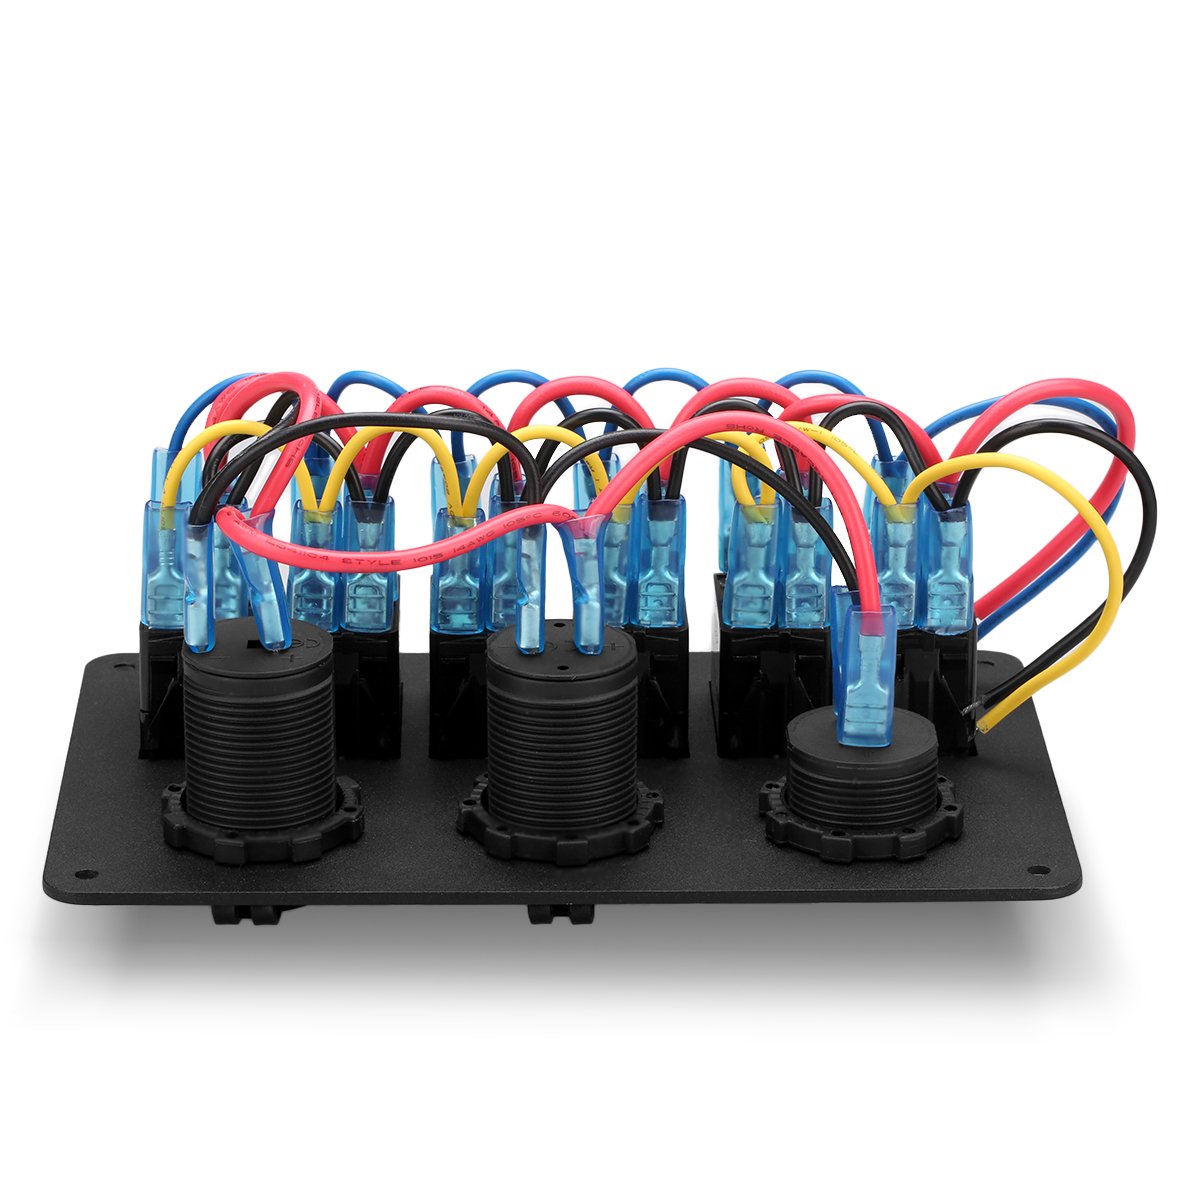 hight resolution of 6 gang waterproof aluminum 12v 24v boat marine rocker switch panel 2 usb charger cigarette socket voltmeter walmart com